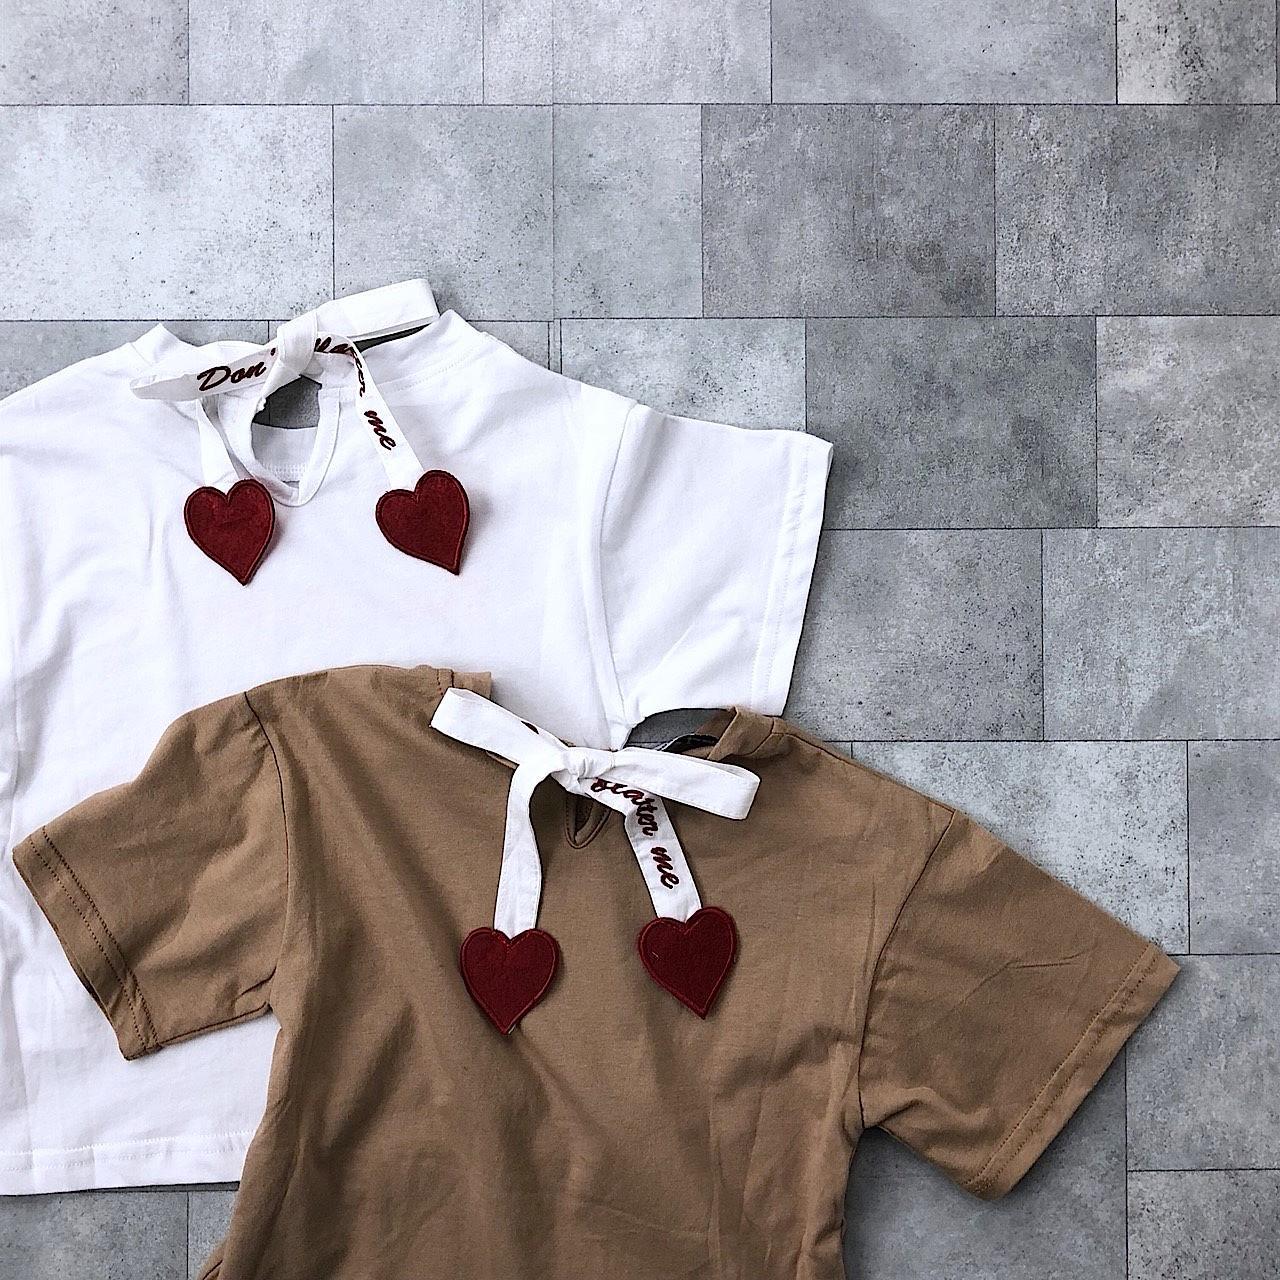 ハートストラップTシャツ(2カラー)no.805053 #子供服 #子ども服 #女の子 #トップス